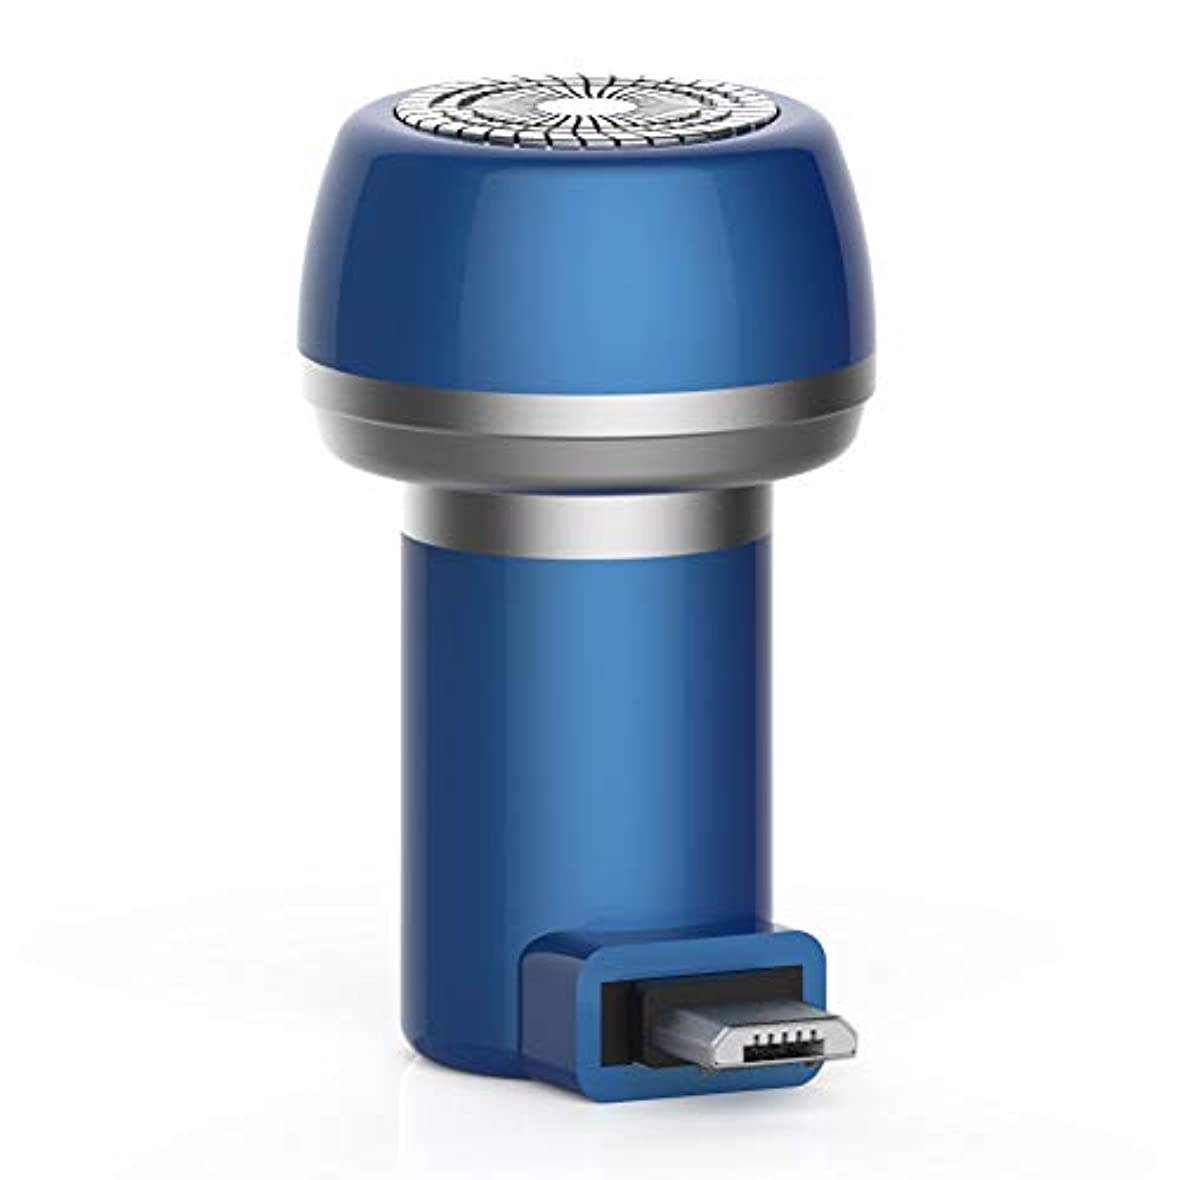 潜在的な凍結不確実Beaurtty 2 1磁気電気シェーバーミニポータブルType-C USB防水剃刀